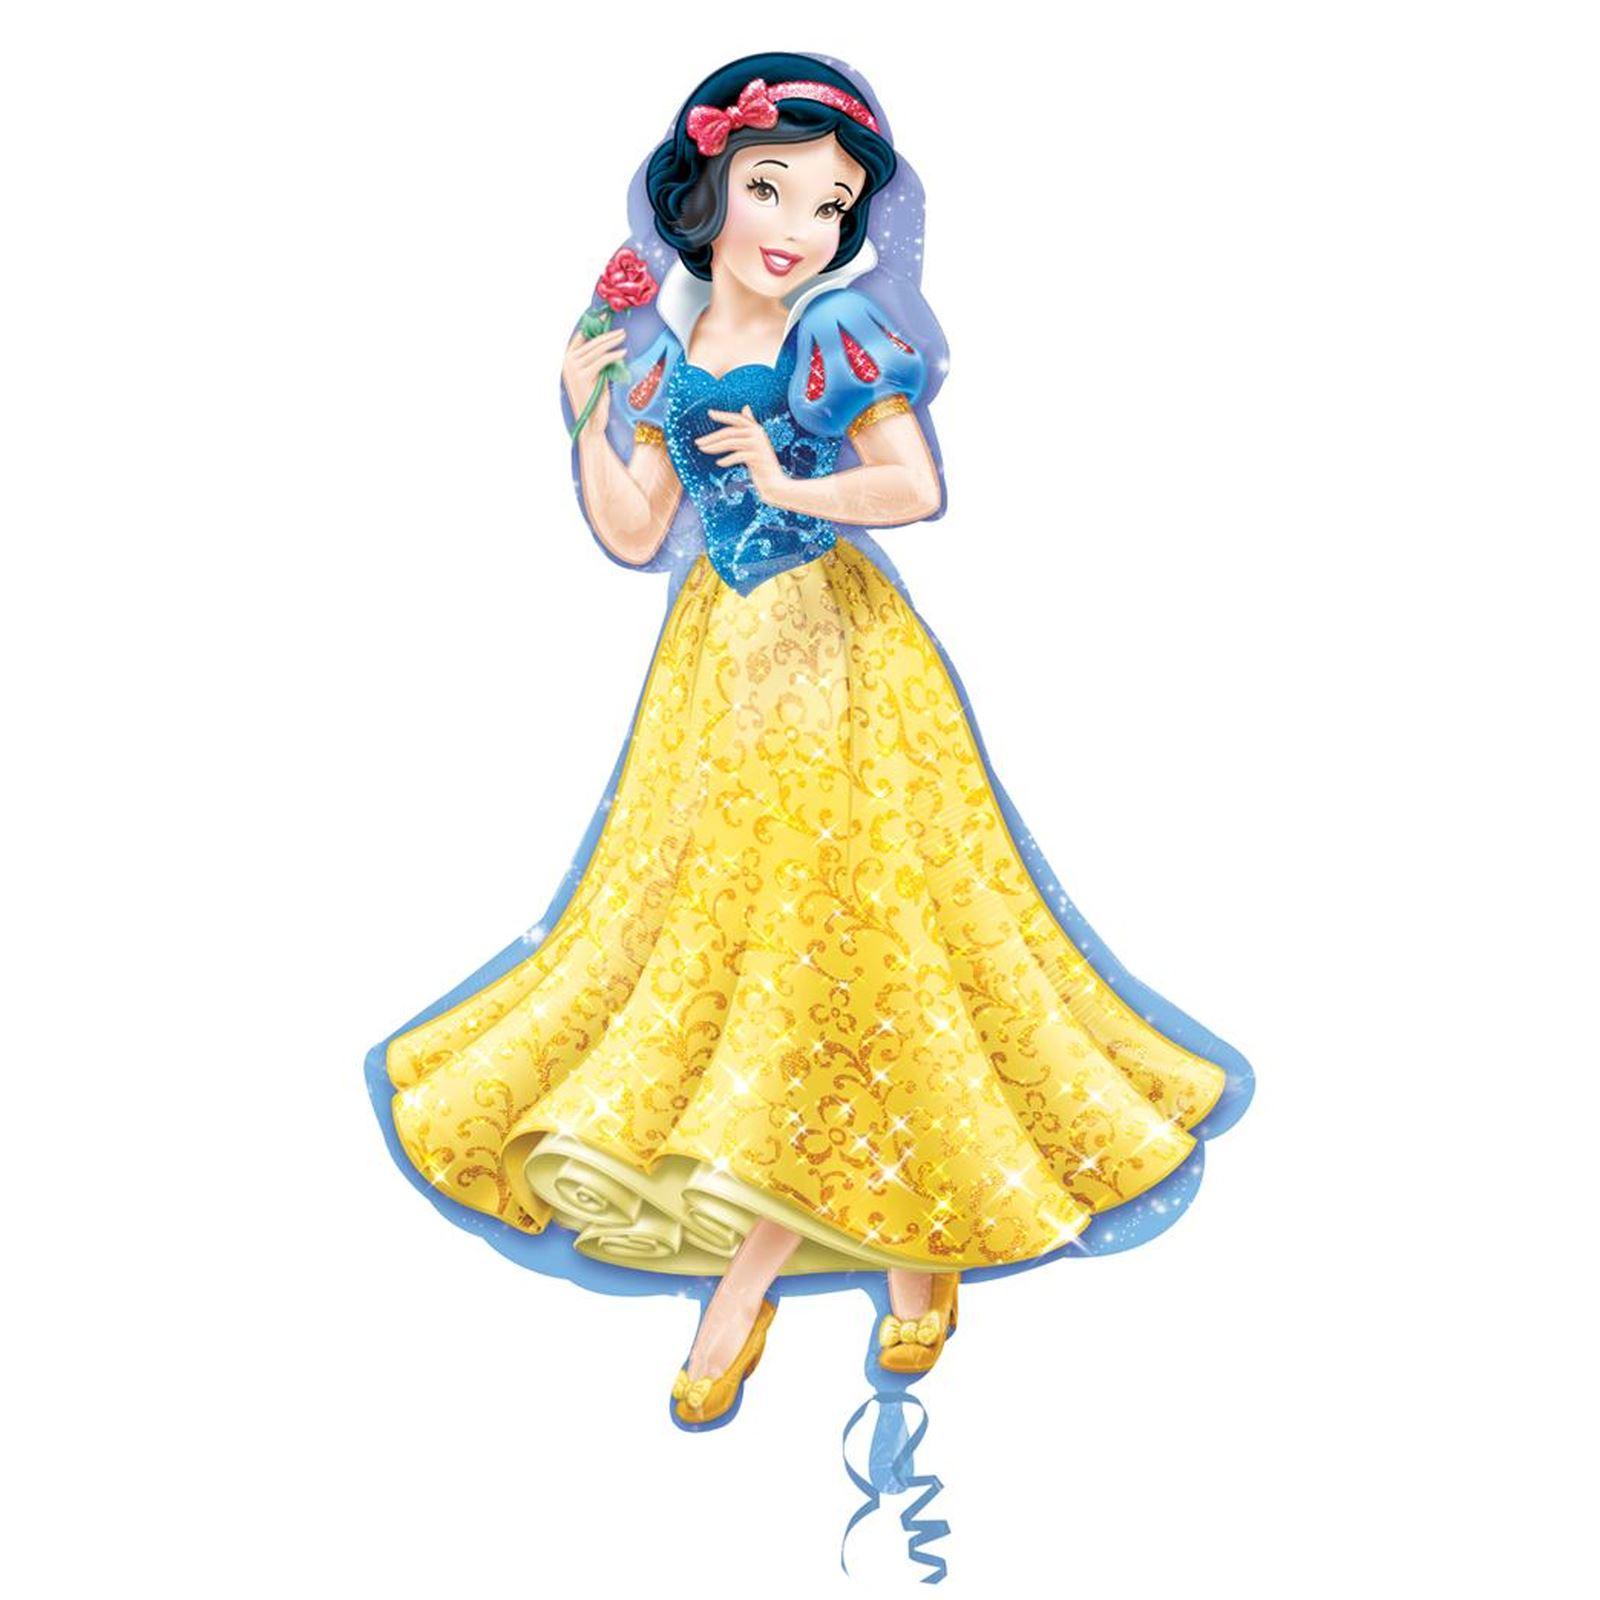 Officiel-disney-princesse-plat-ballon-geant-cadeau-filles-fete-d-039-anniversaire-decoration miniature 7